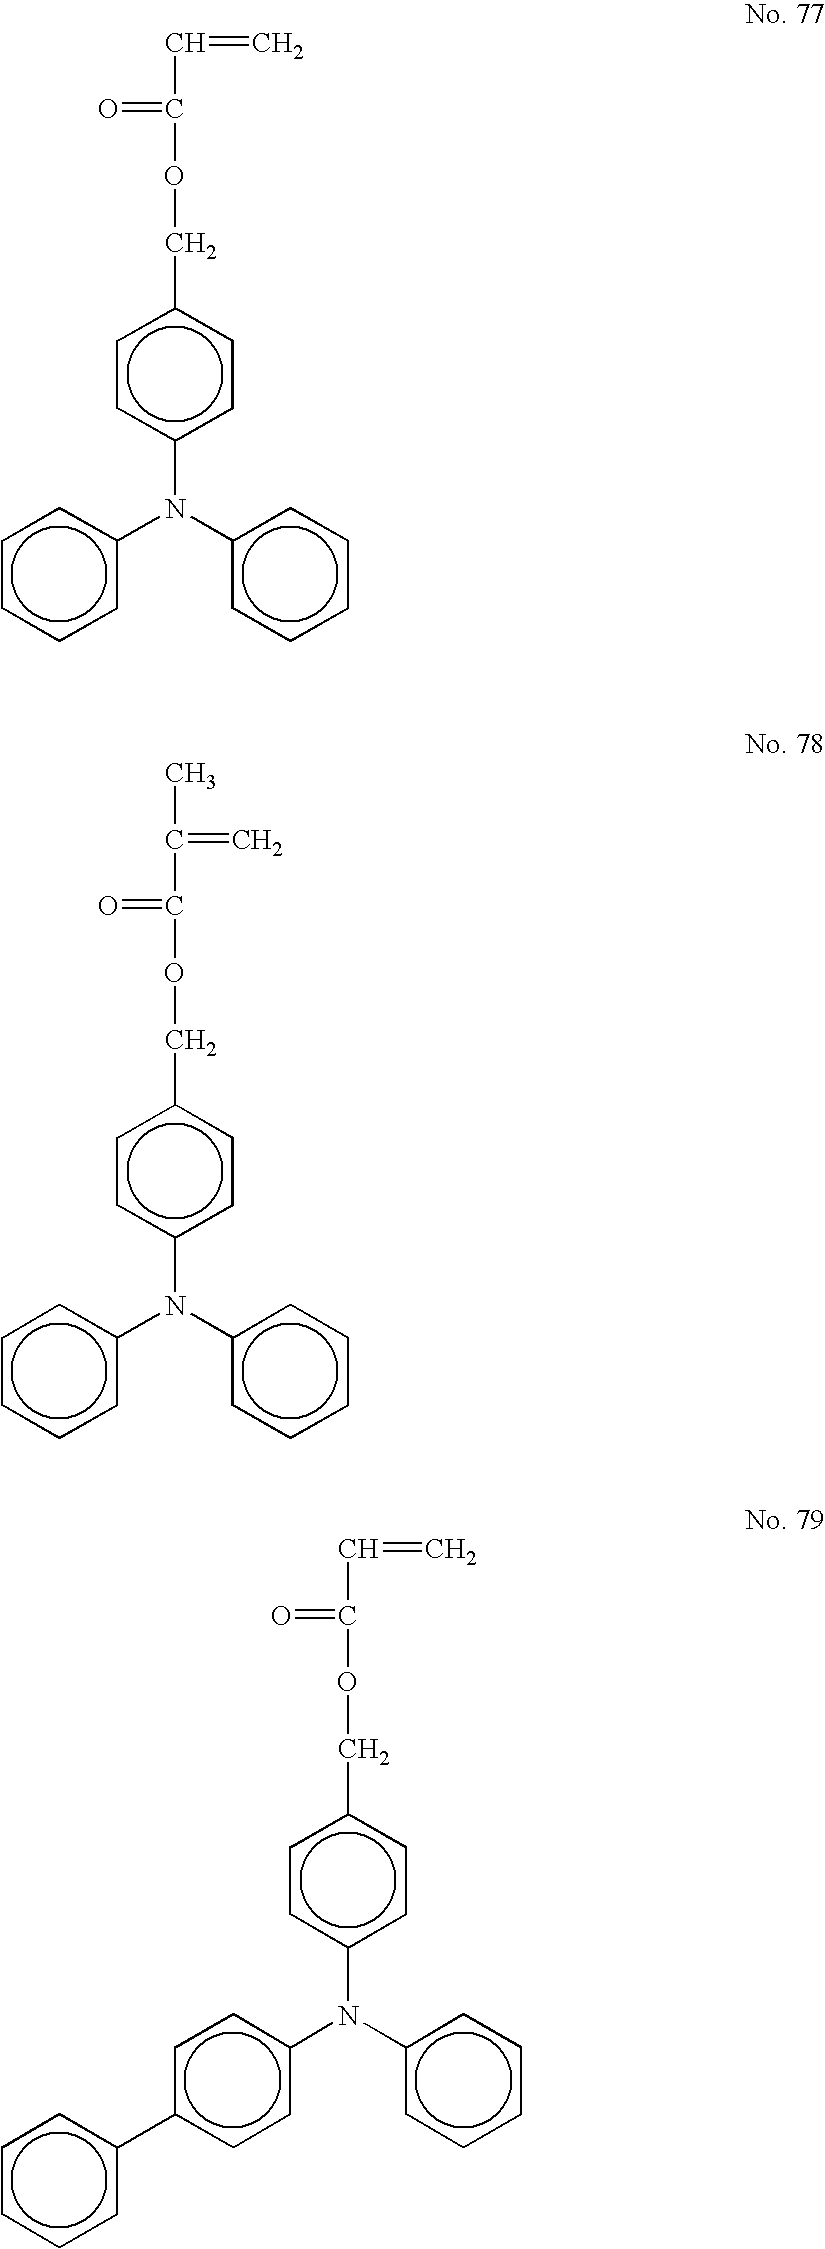 Figure US20050158641A1-20050721-C00039